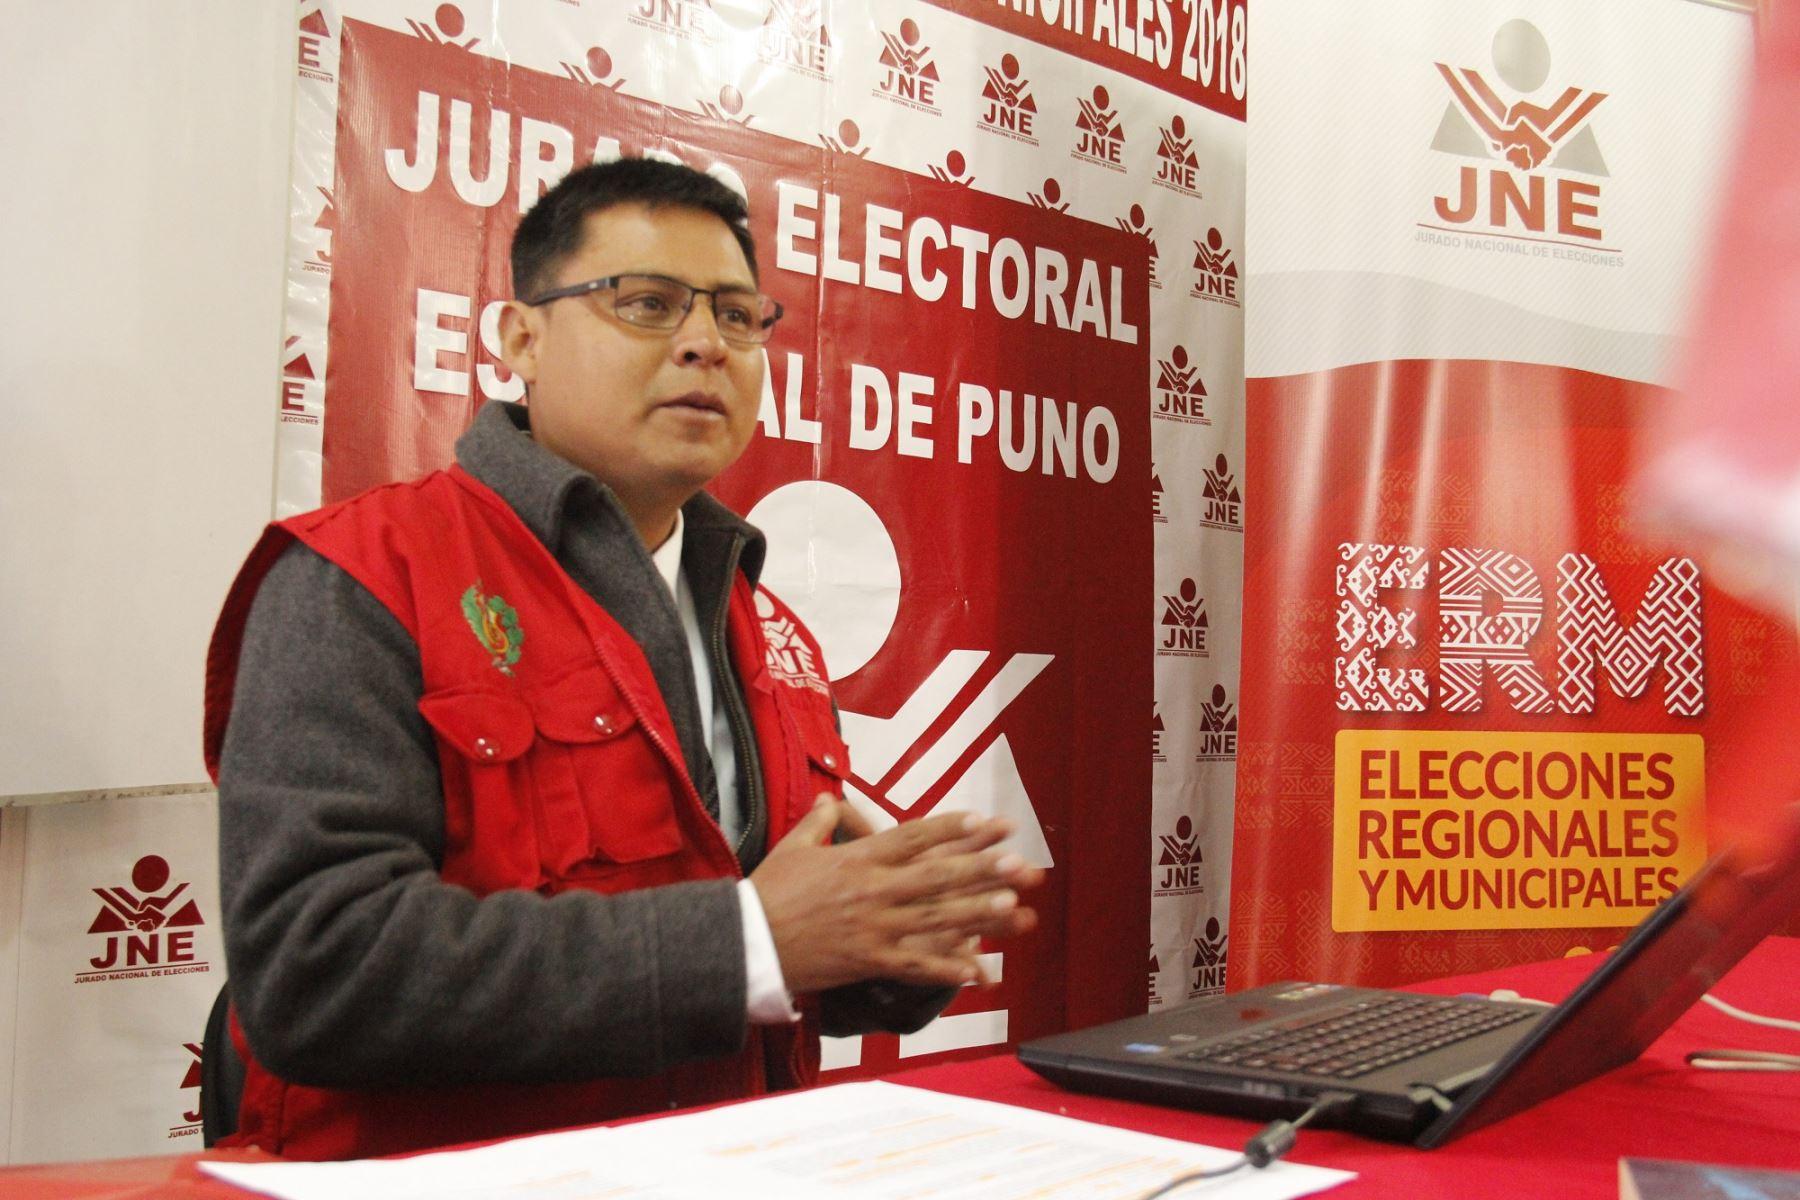 Seis listas de candidatos regionales inscritas en Puno, informó el Jurado Electoral Especial. ANDINA